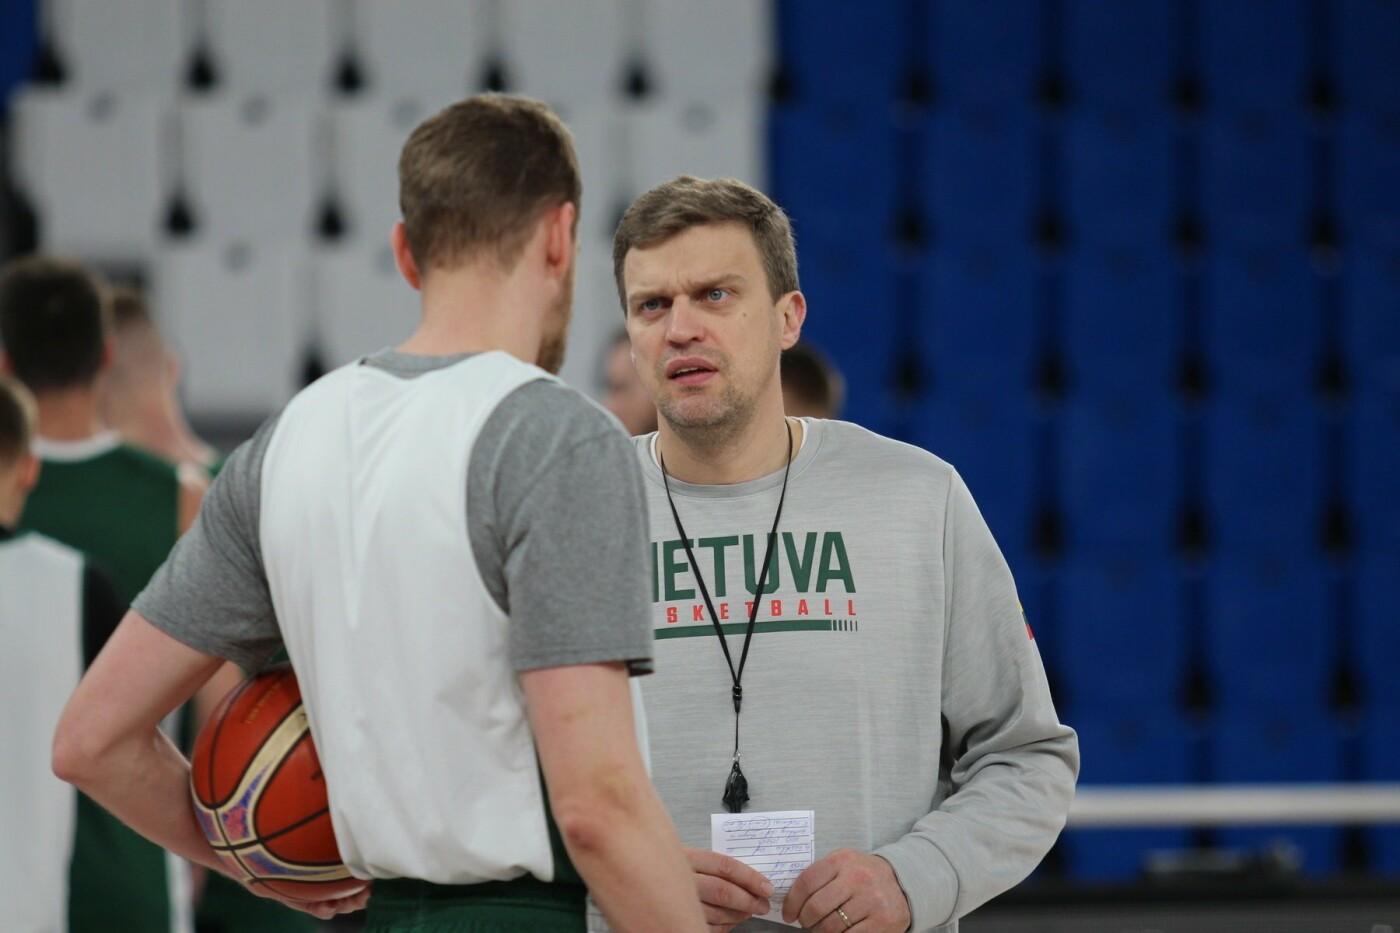 Lietuvos vyrų krepšinio rinktinė surengė vienintelę treniruotę Italijoje, nuotrauka-11